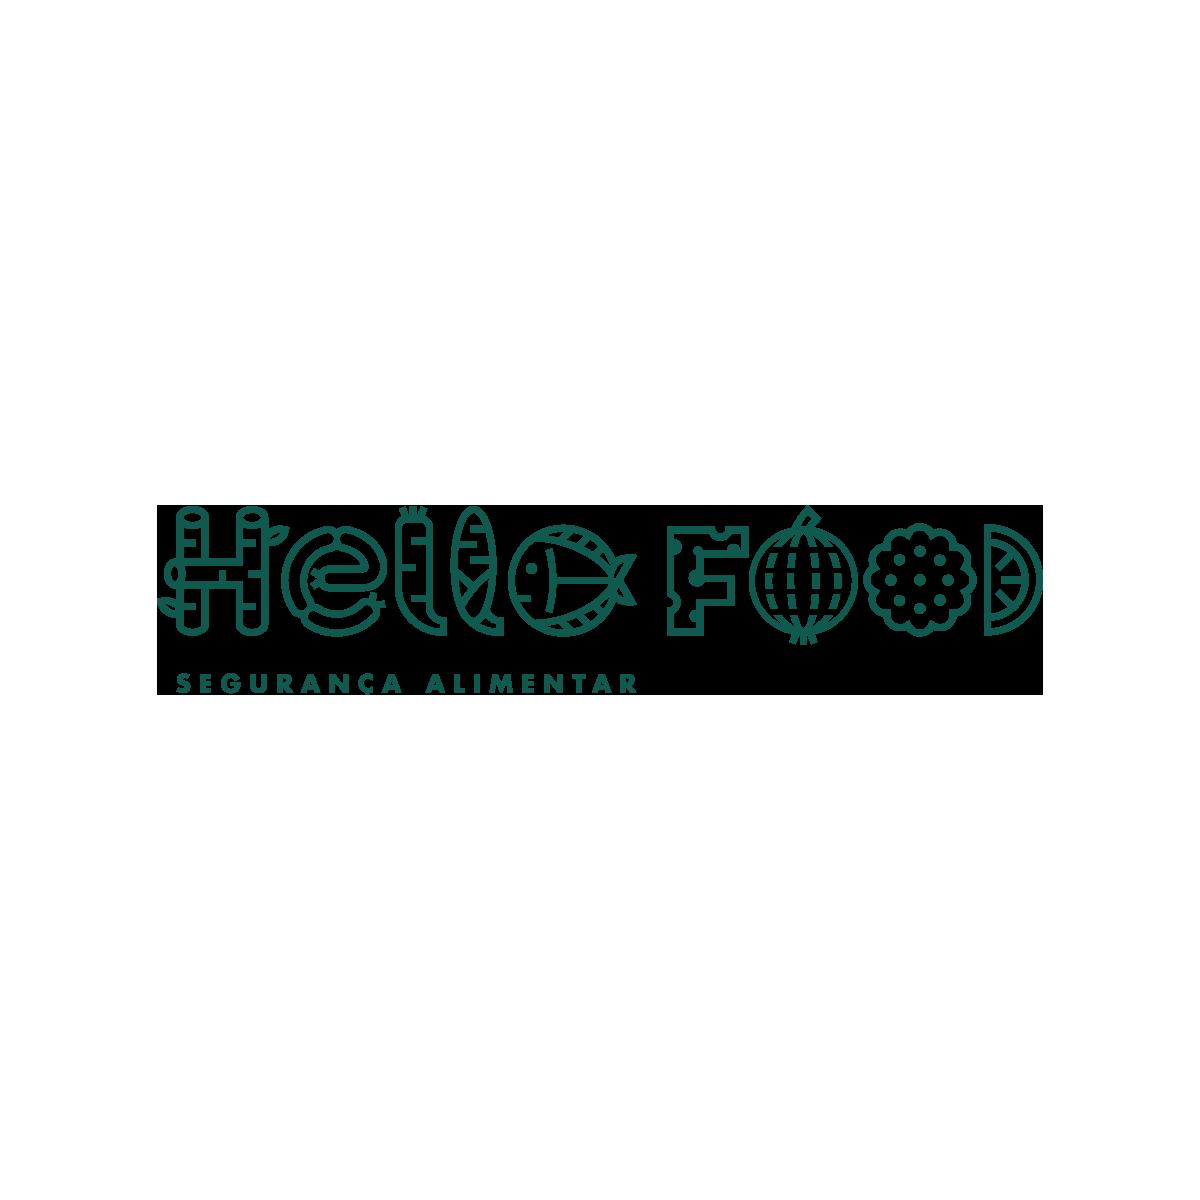 hello-logo-H